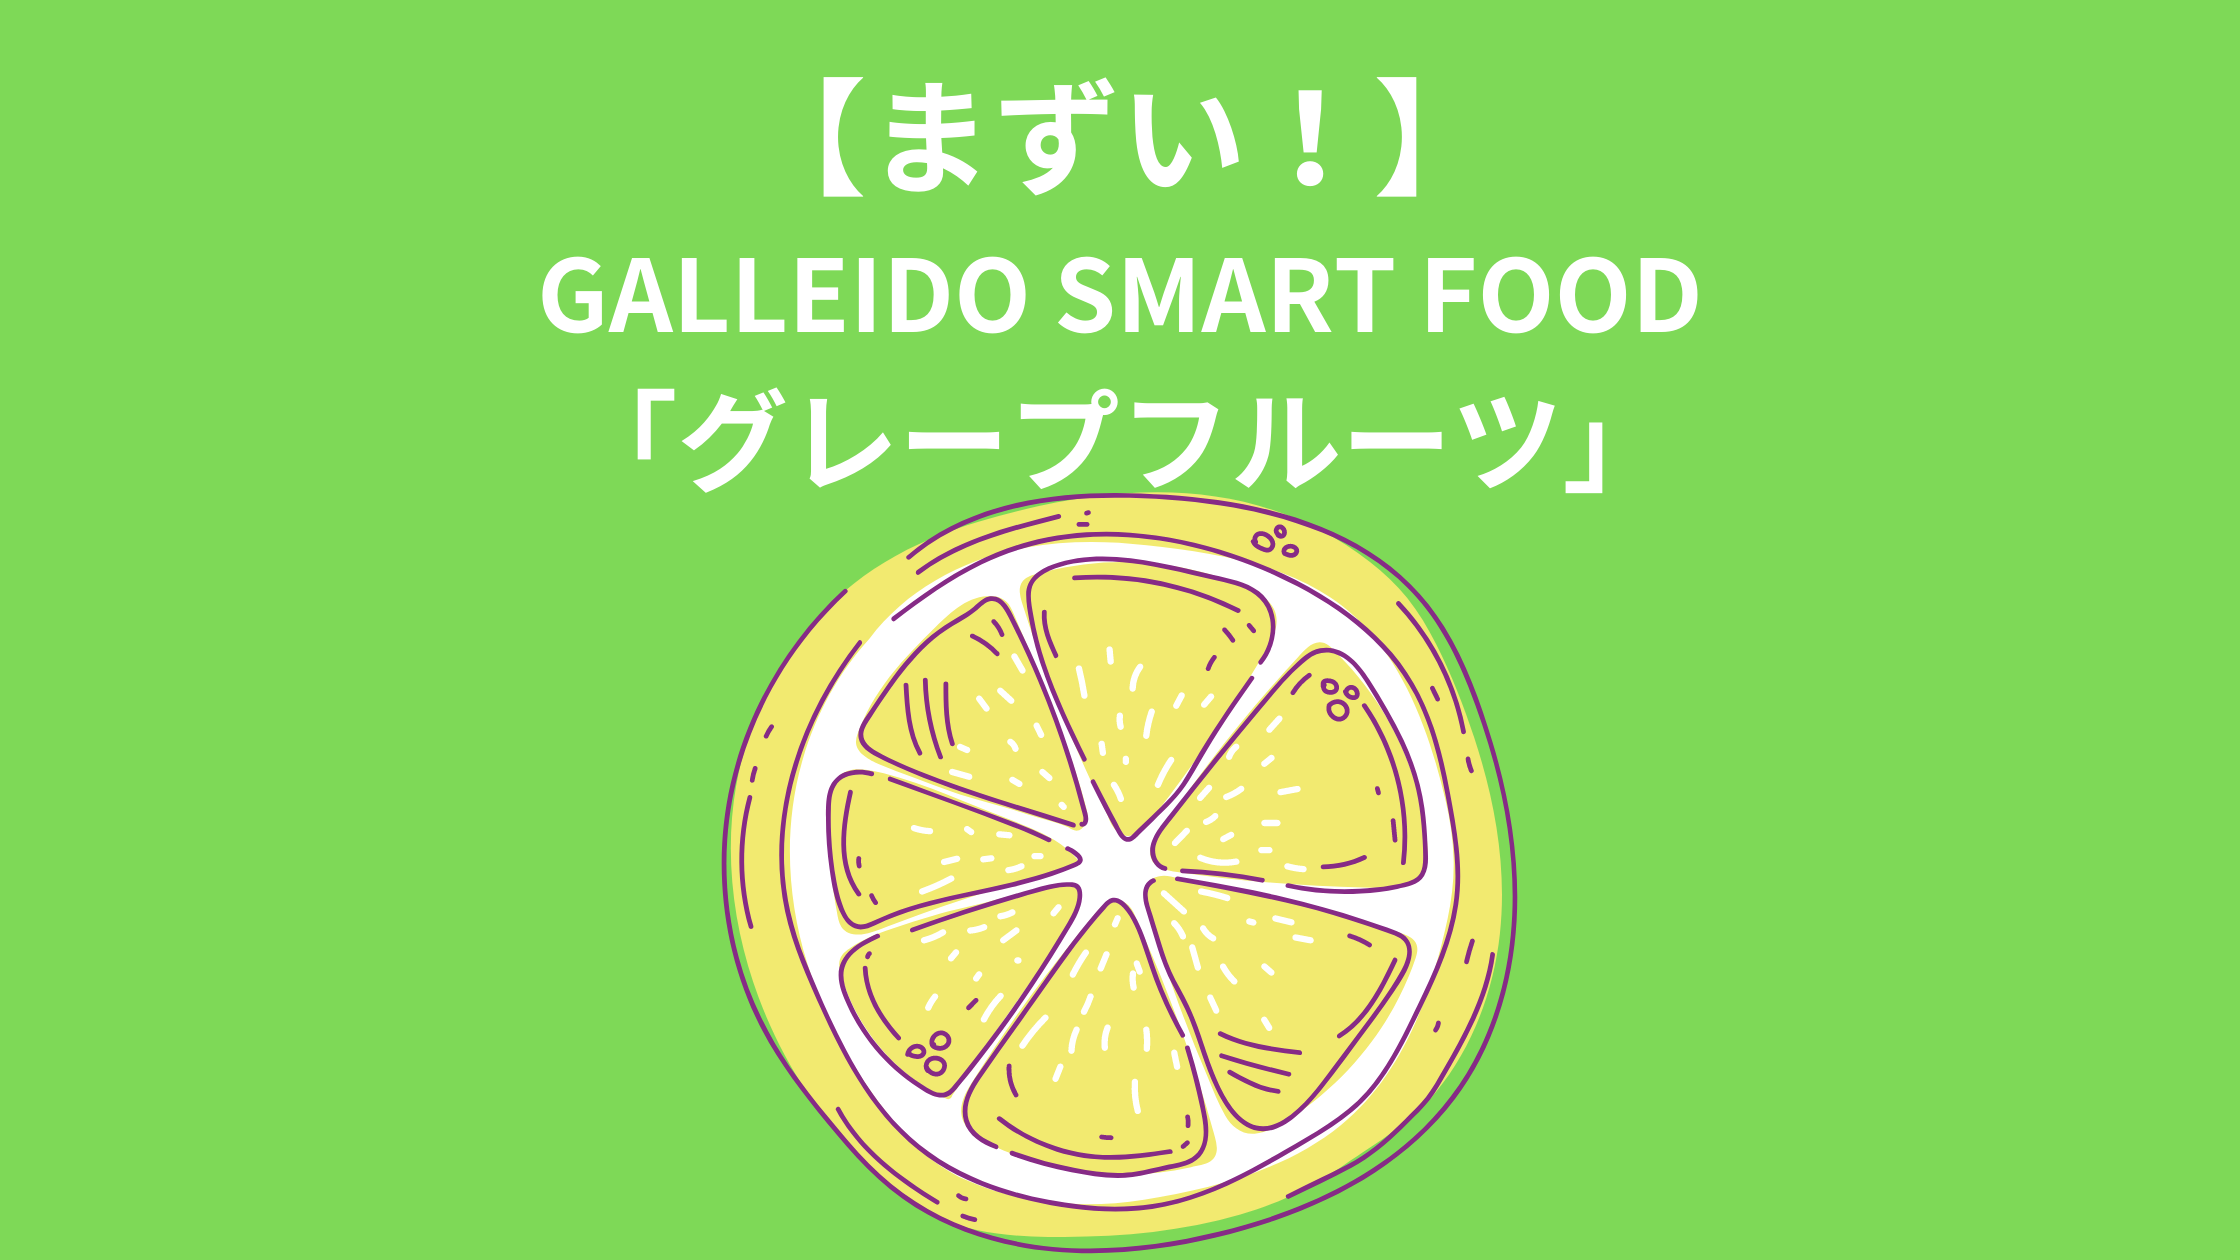 【まずい!】 GALLEIDO SMART FOOD 「グレープフルーツ」